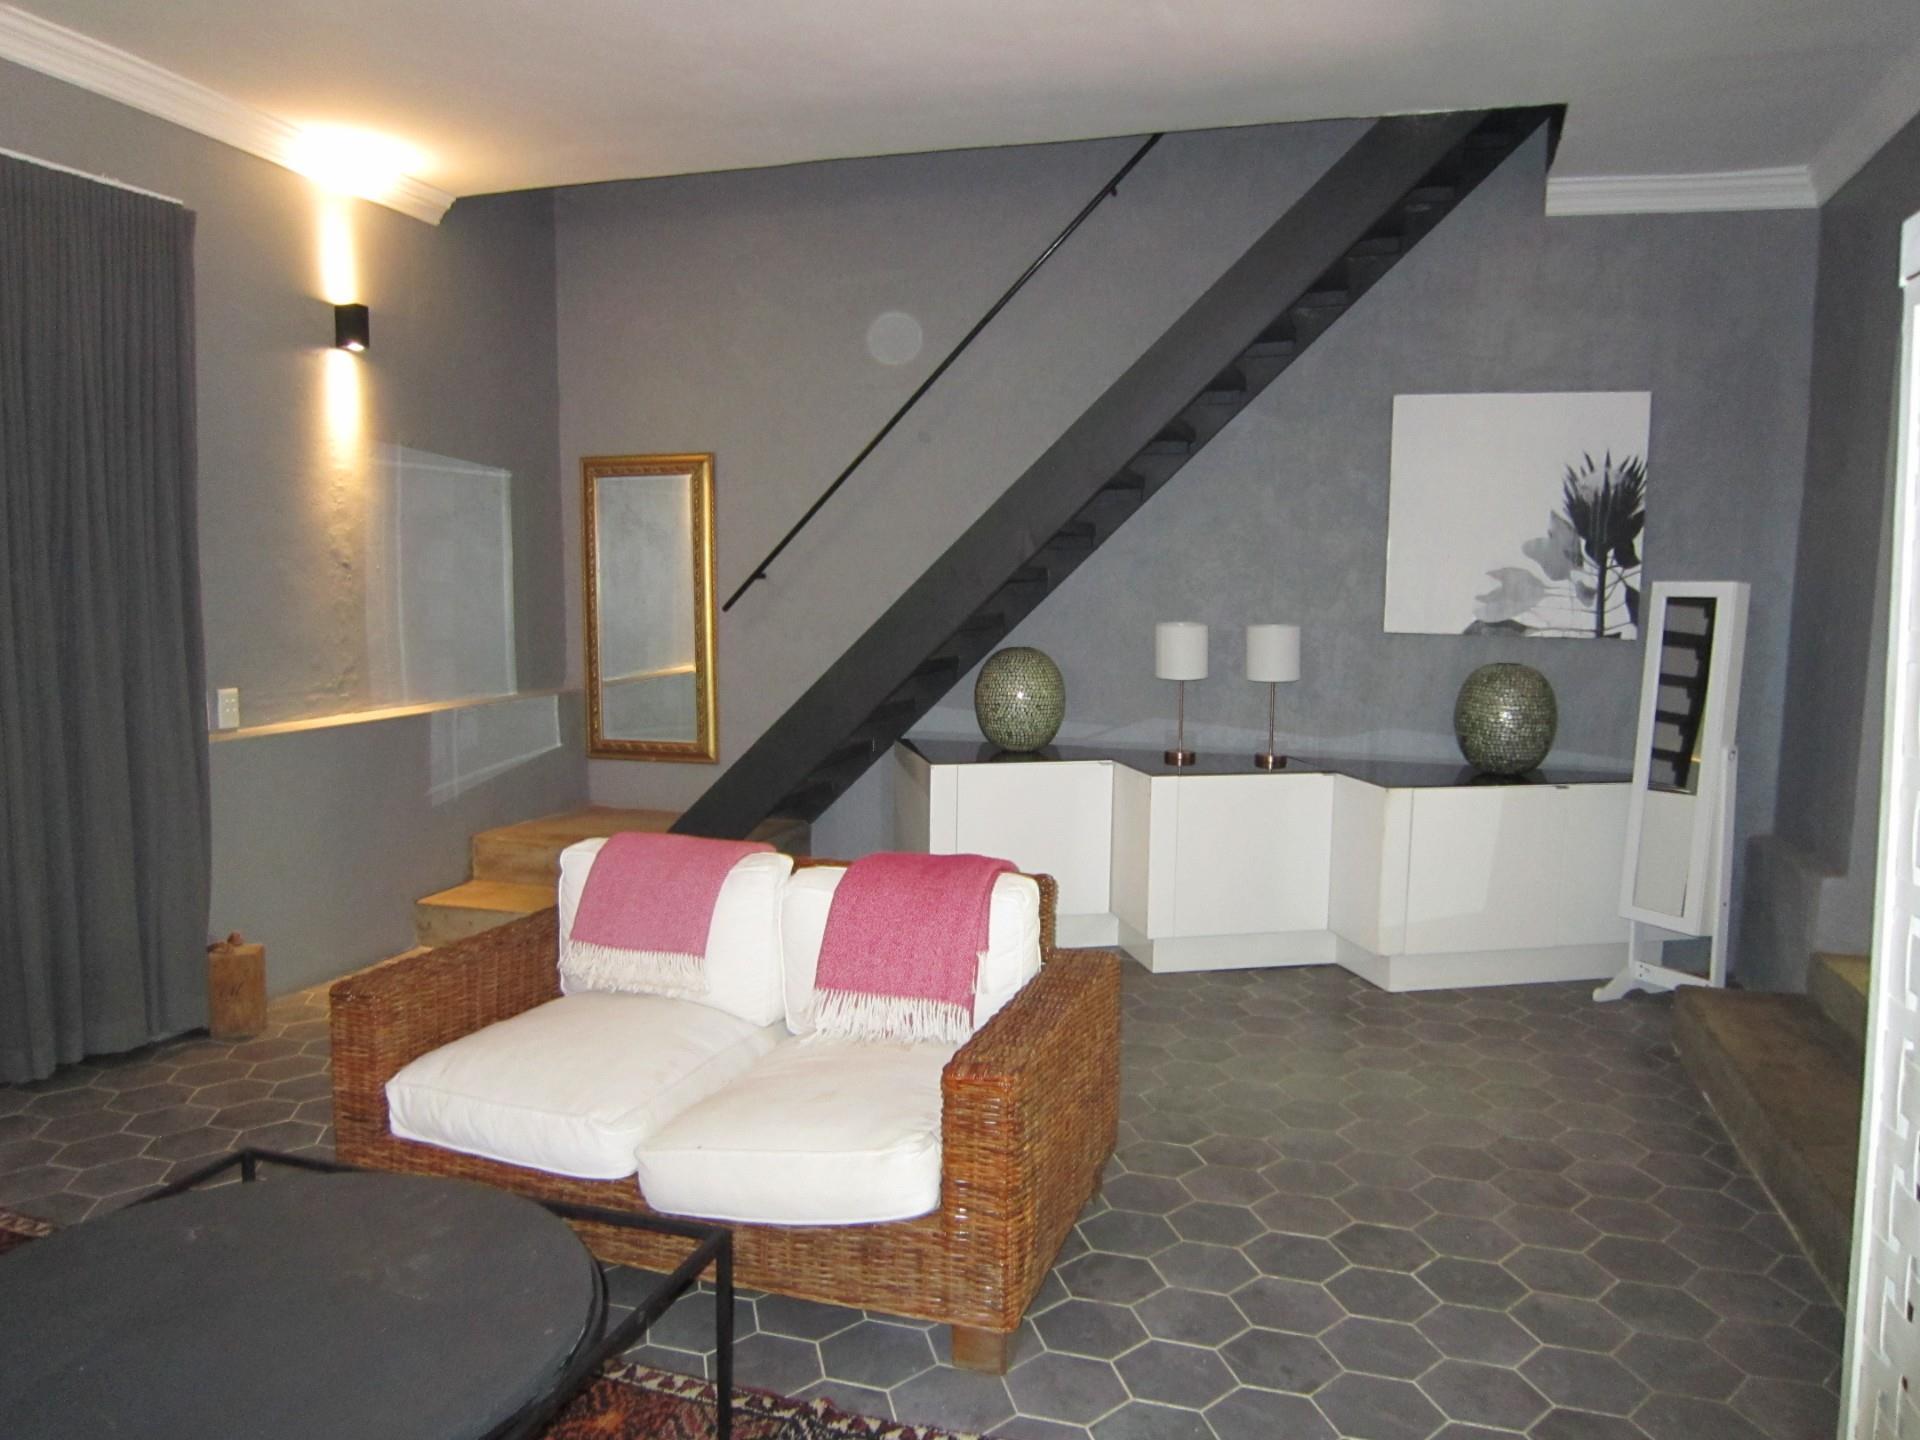 3 Bedroom House To Rent in Riebeek West